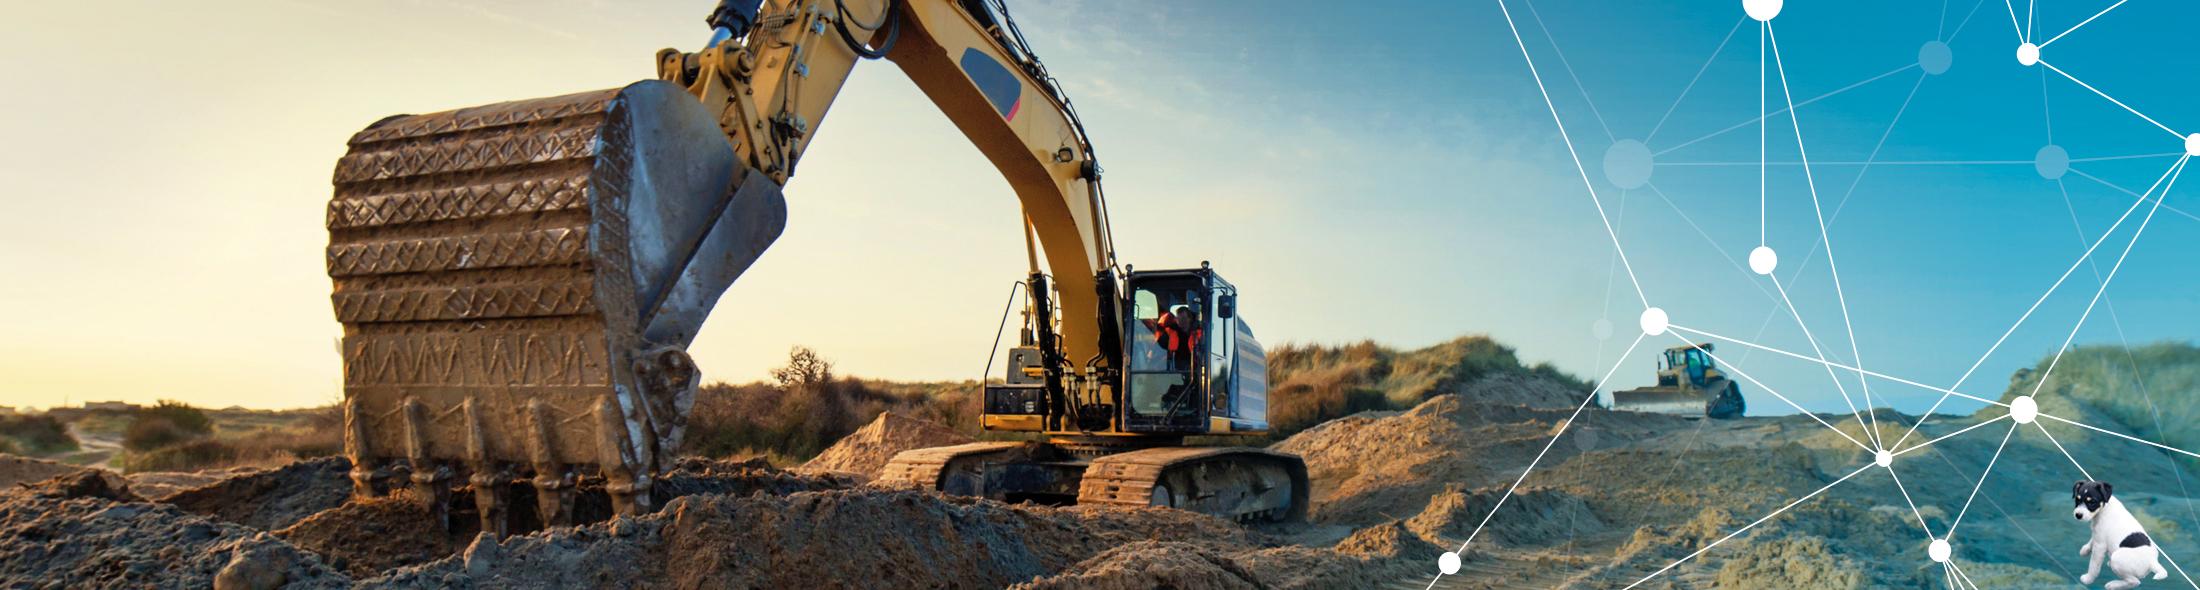 Schuster & Sohn bietet Diesel, AdBlue und Schmierstoffe für Bauunternehmen